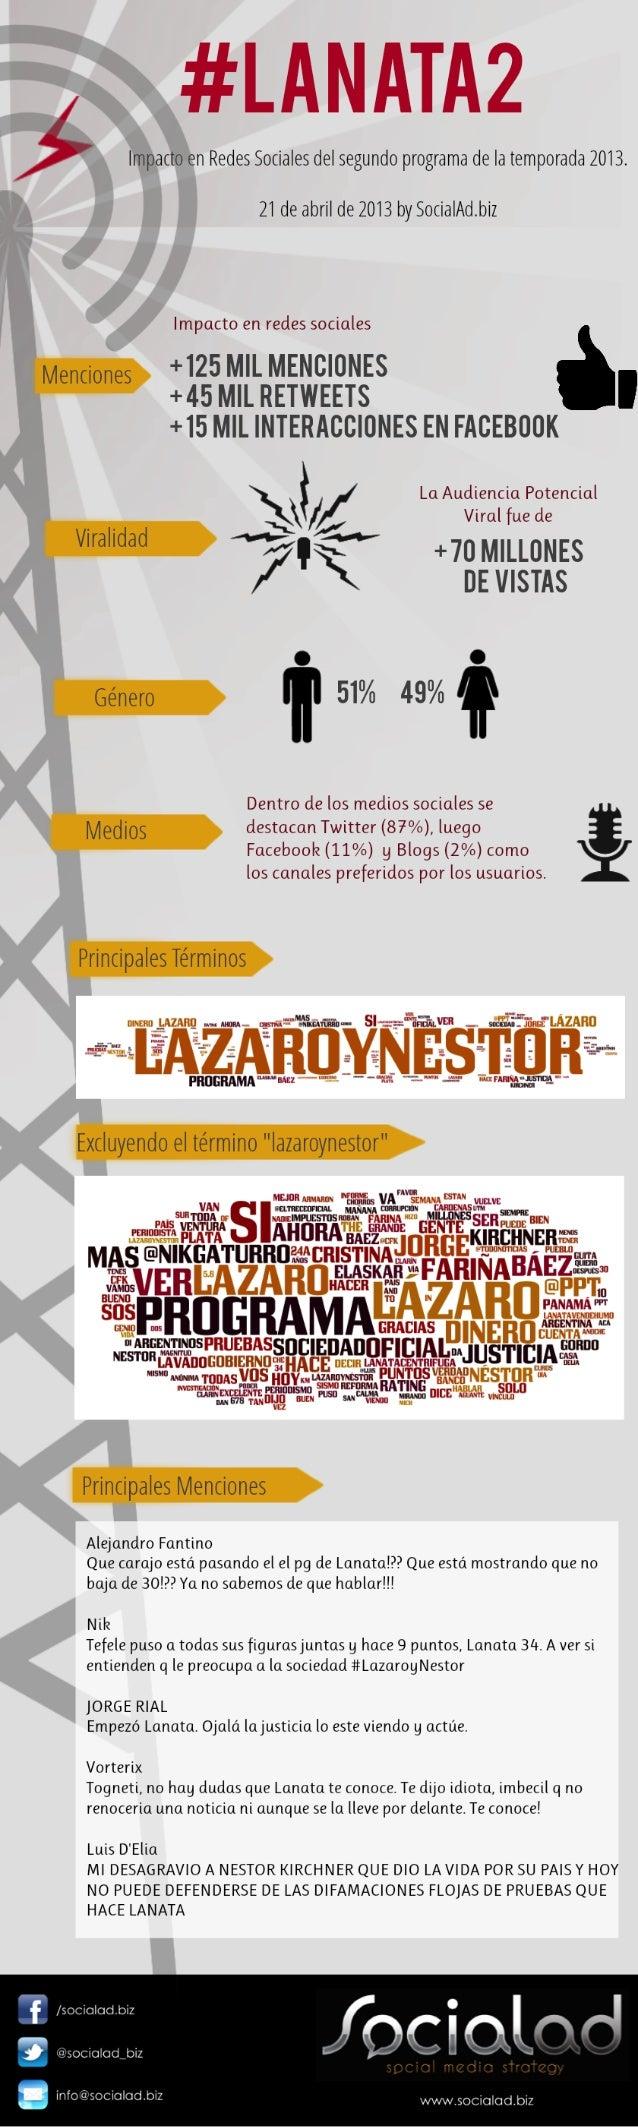 Lanata, Segundo programa 2013. Impacto en redes sociales by SocialAd.biz